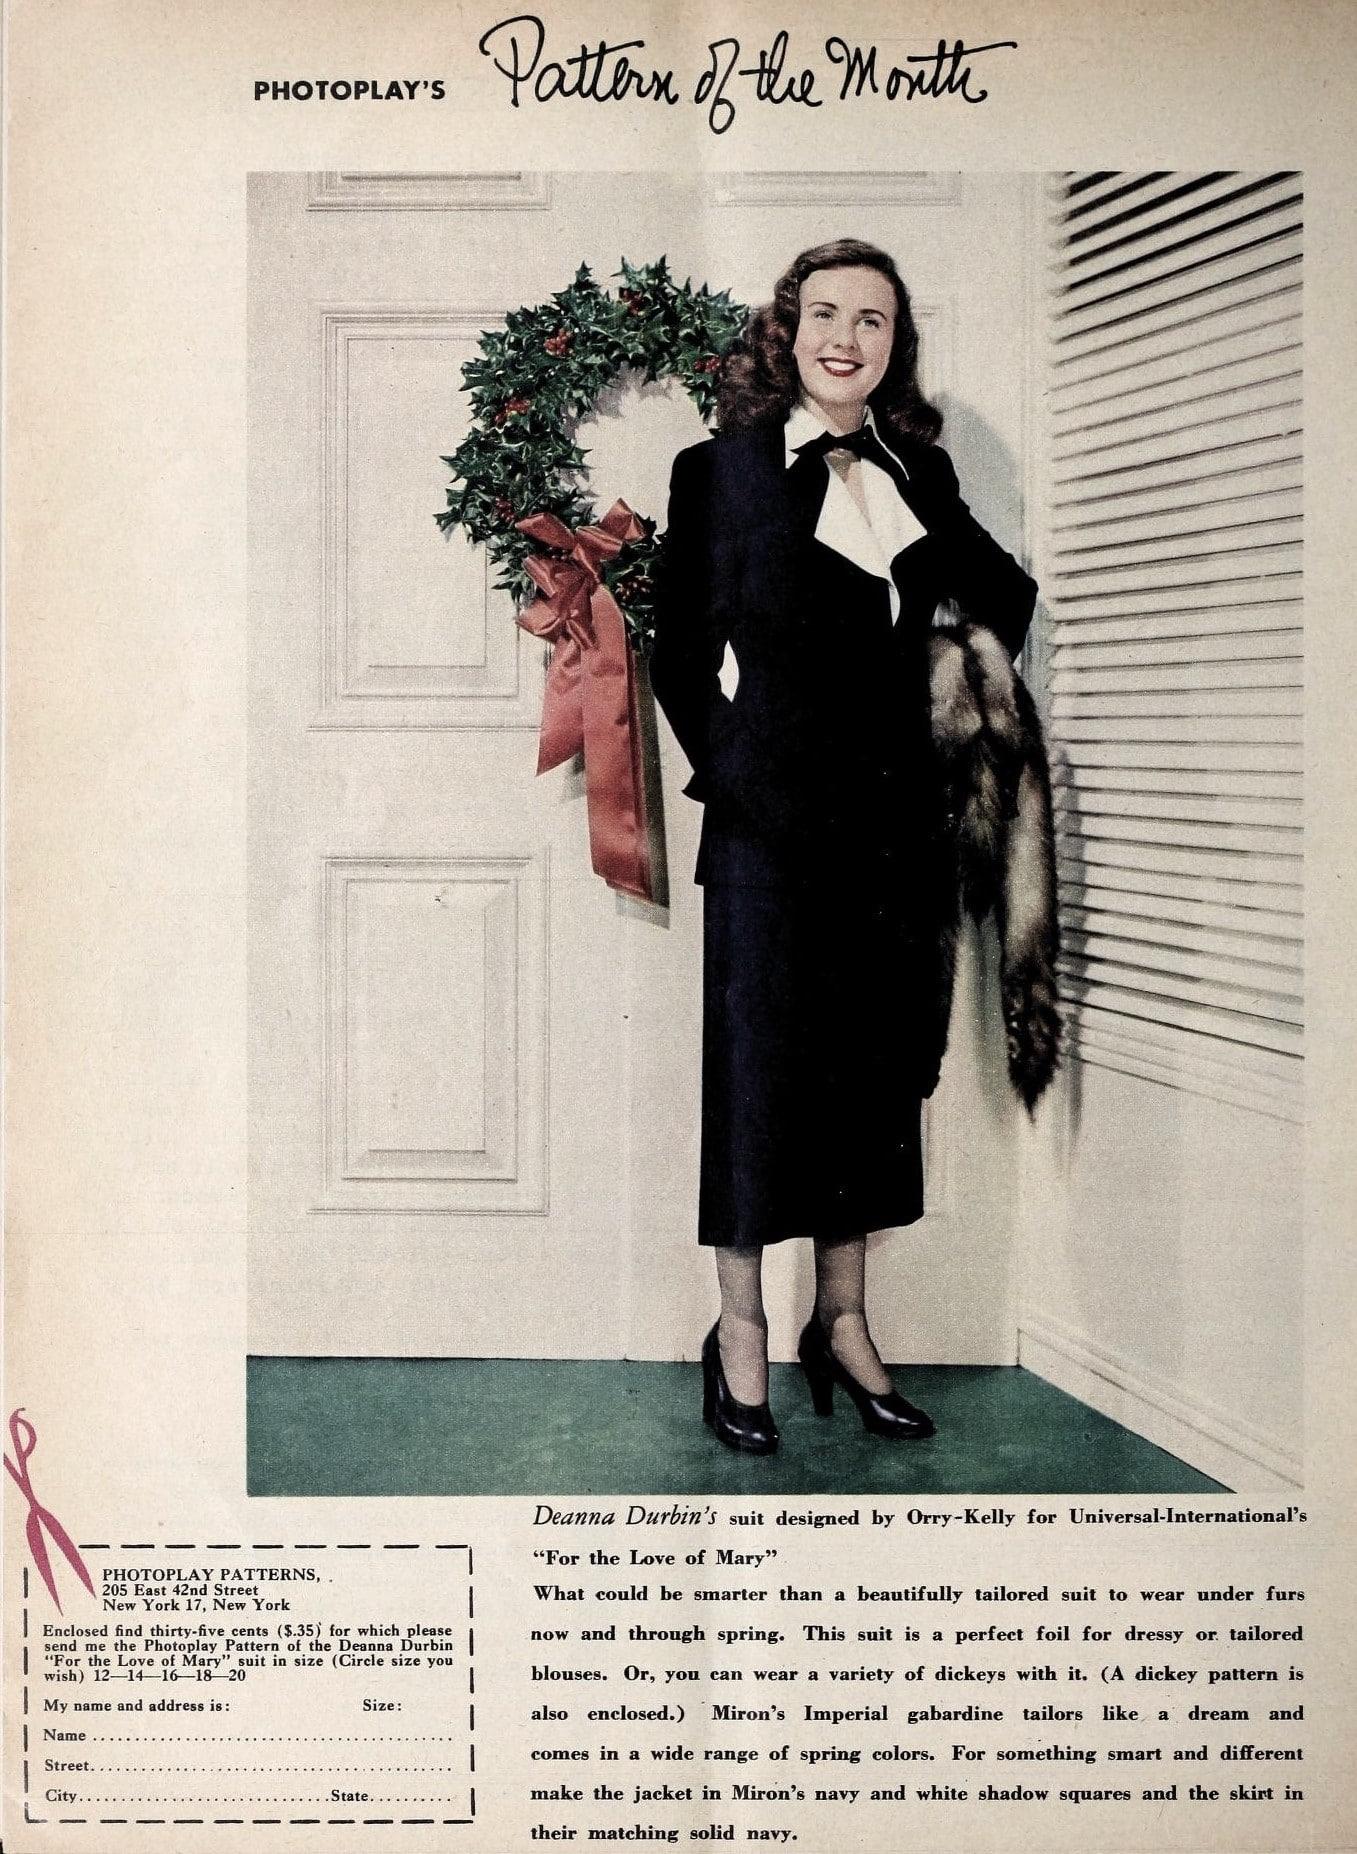 deanna durbin suit wreath